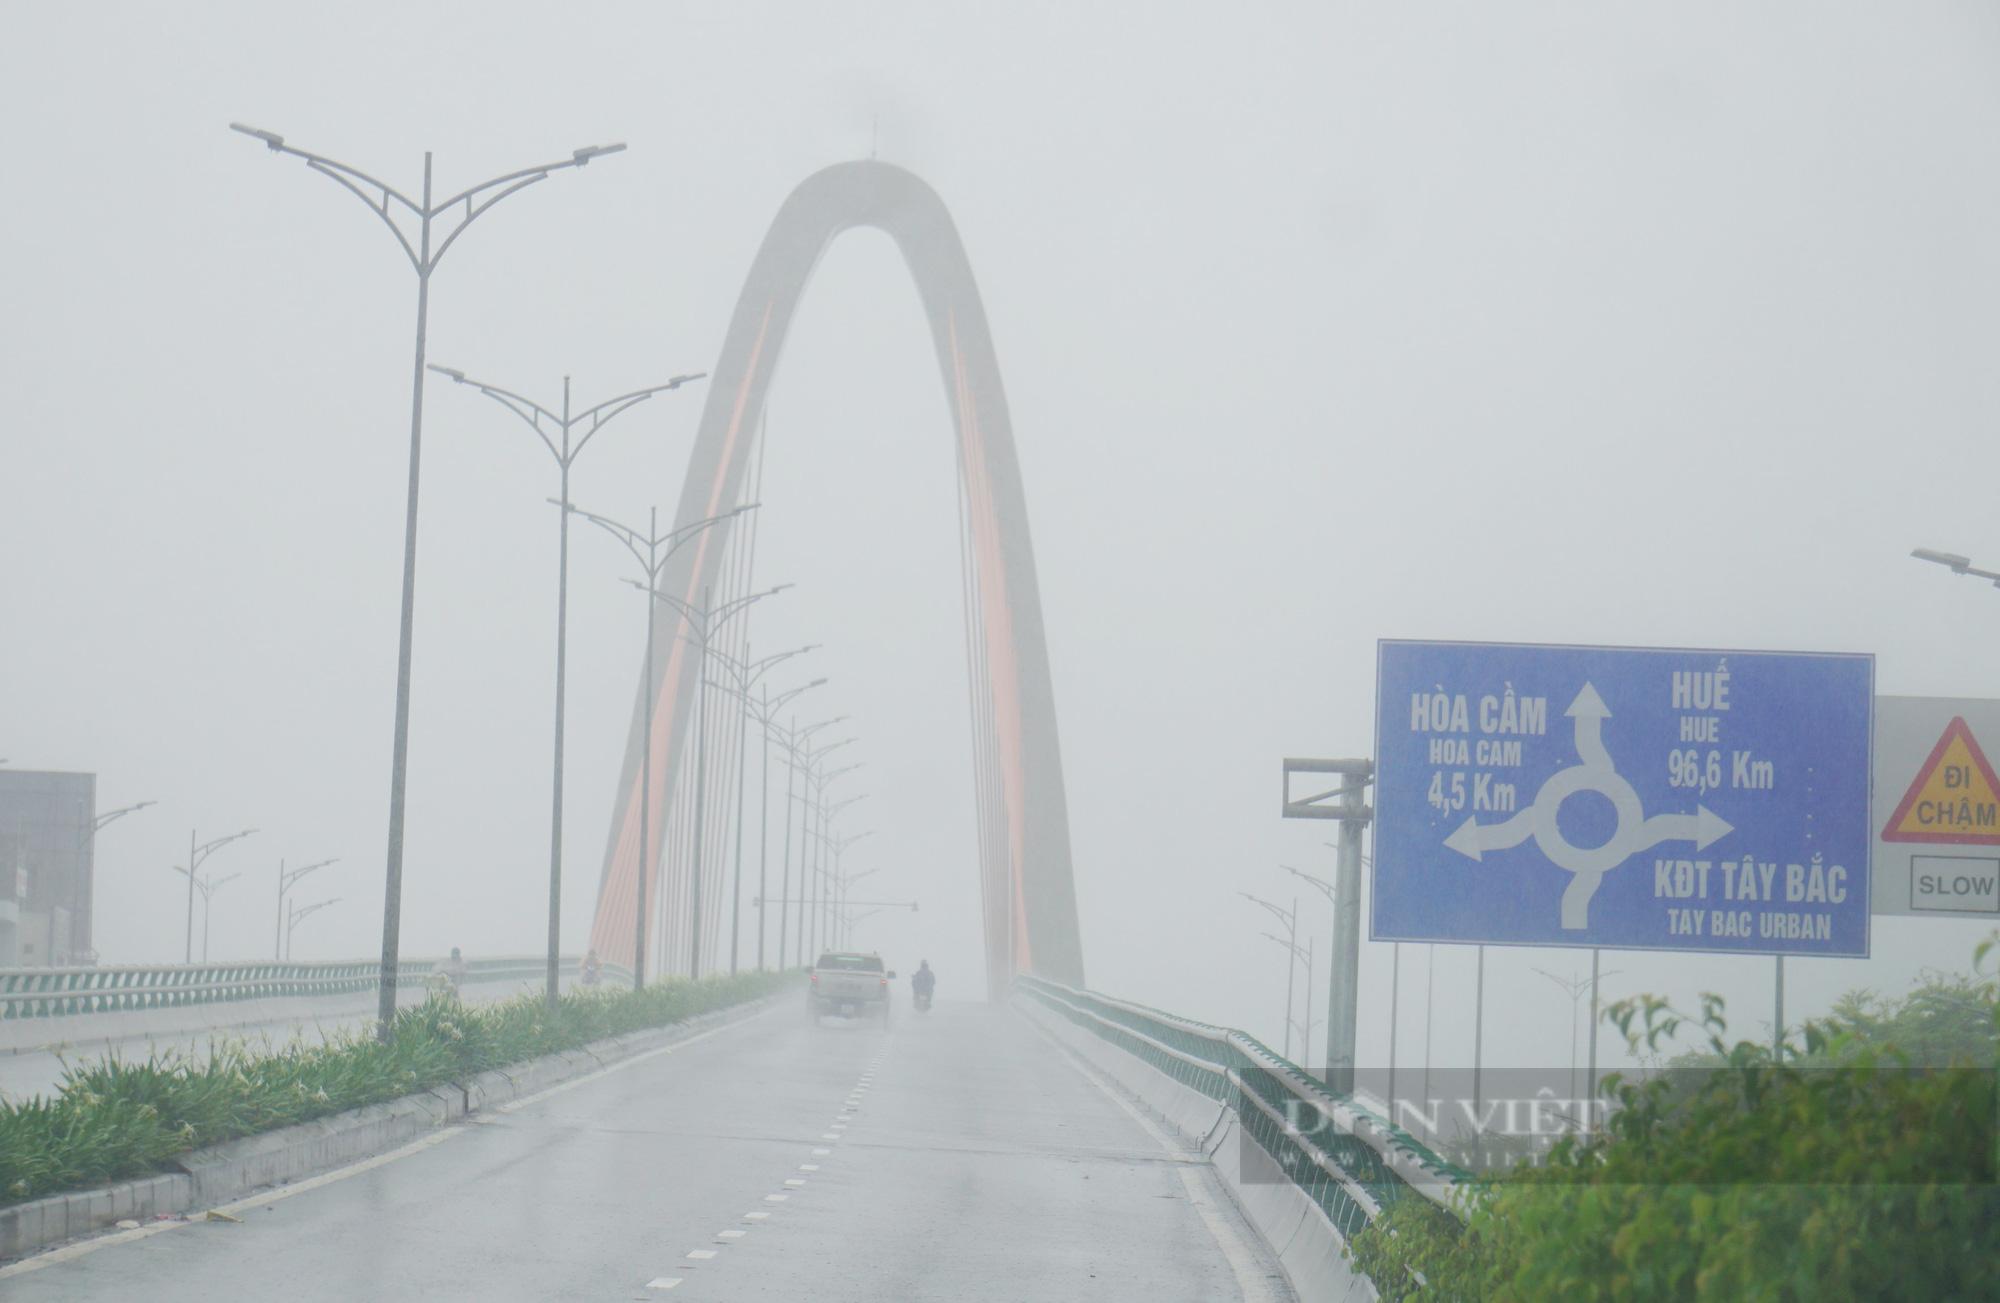 Mưa trắng trời, đường phố Đà Nẵng biến thành... sông - Ảnh 1.